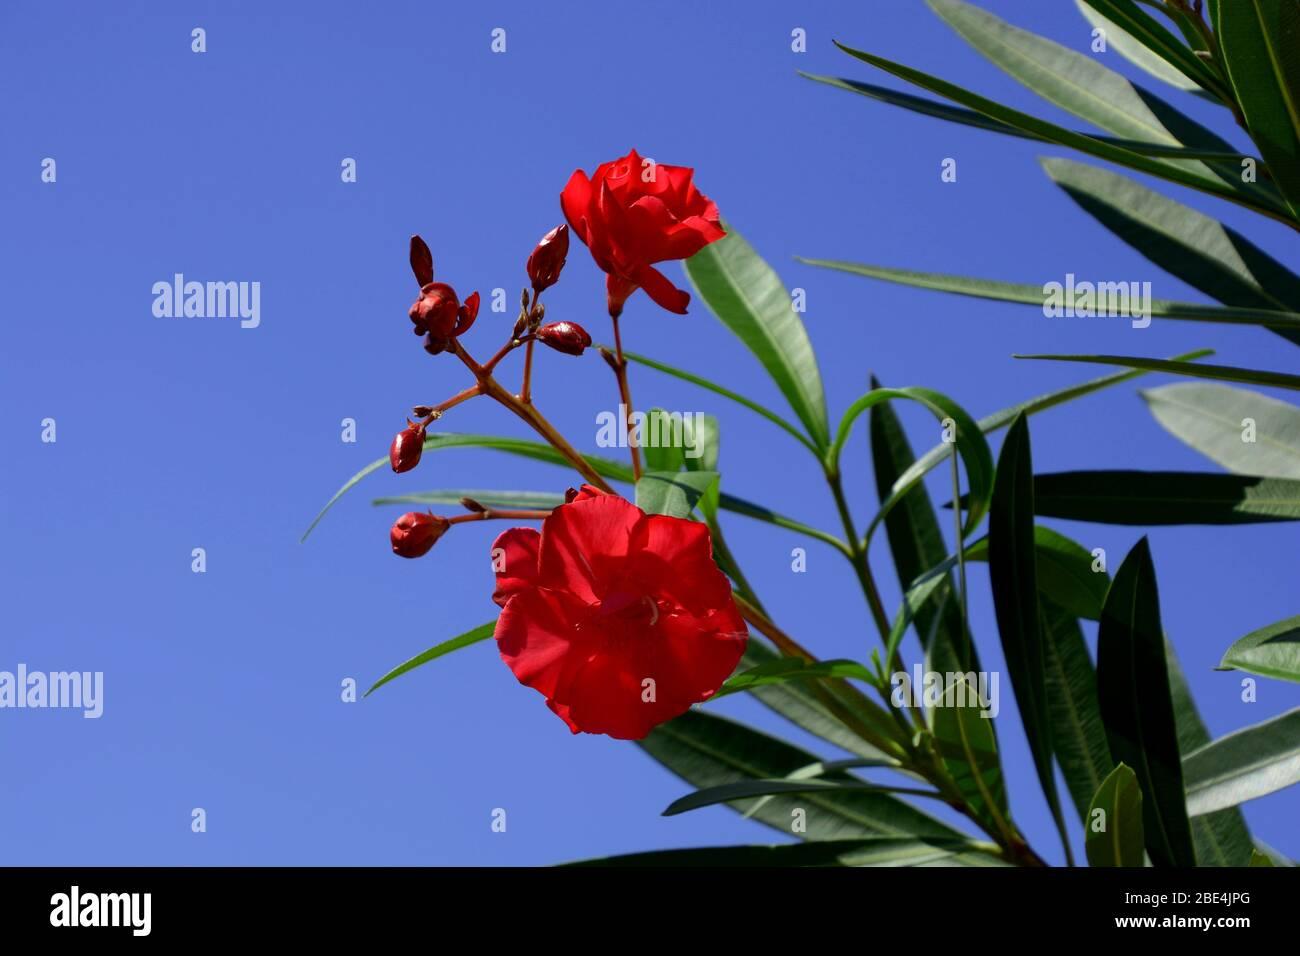 Rote Blüte Nerium Oleander im april vor azurblauem Himmel, Oleander-Blüten und grüne Blätter im Frühjahr Stockfoto